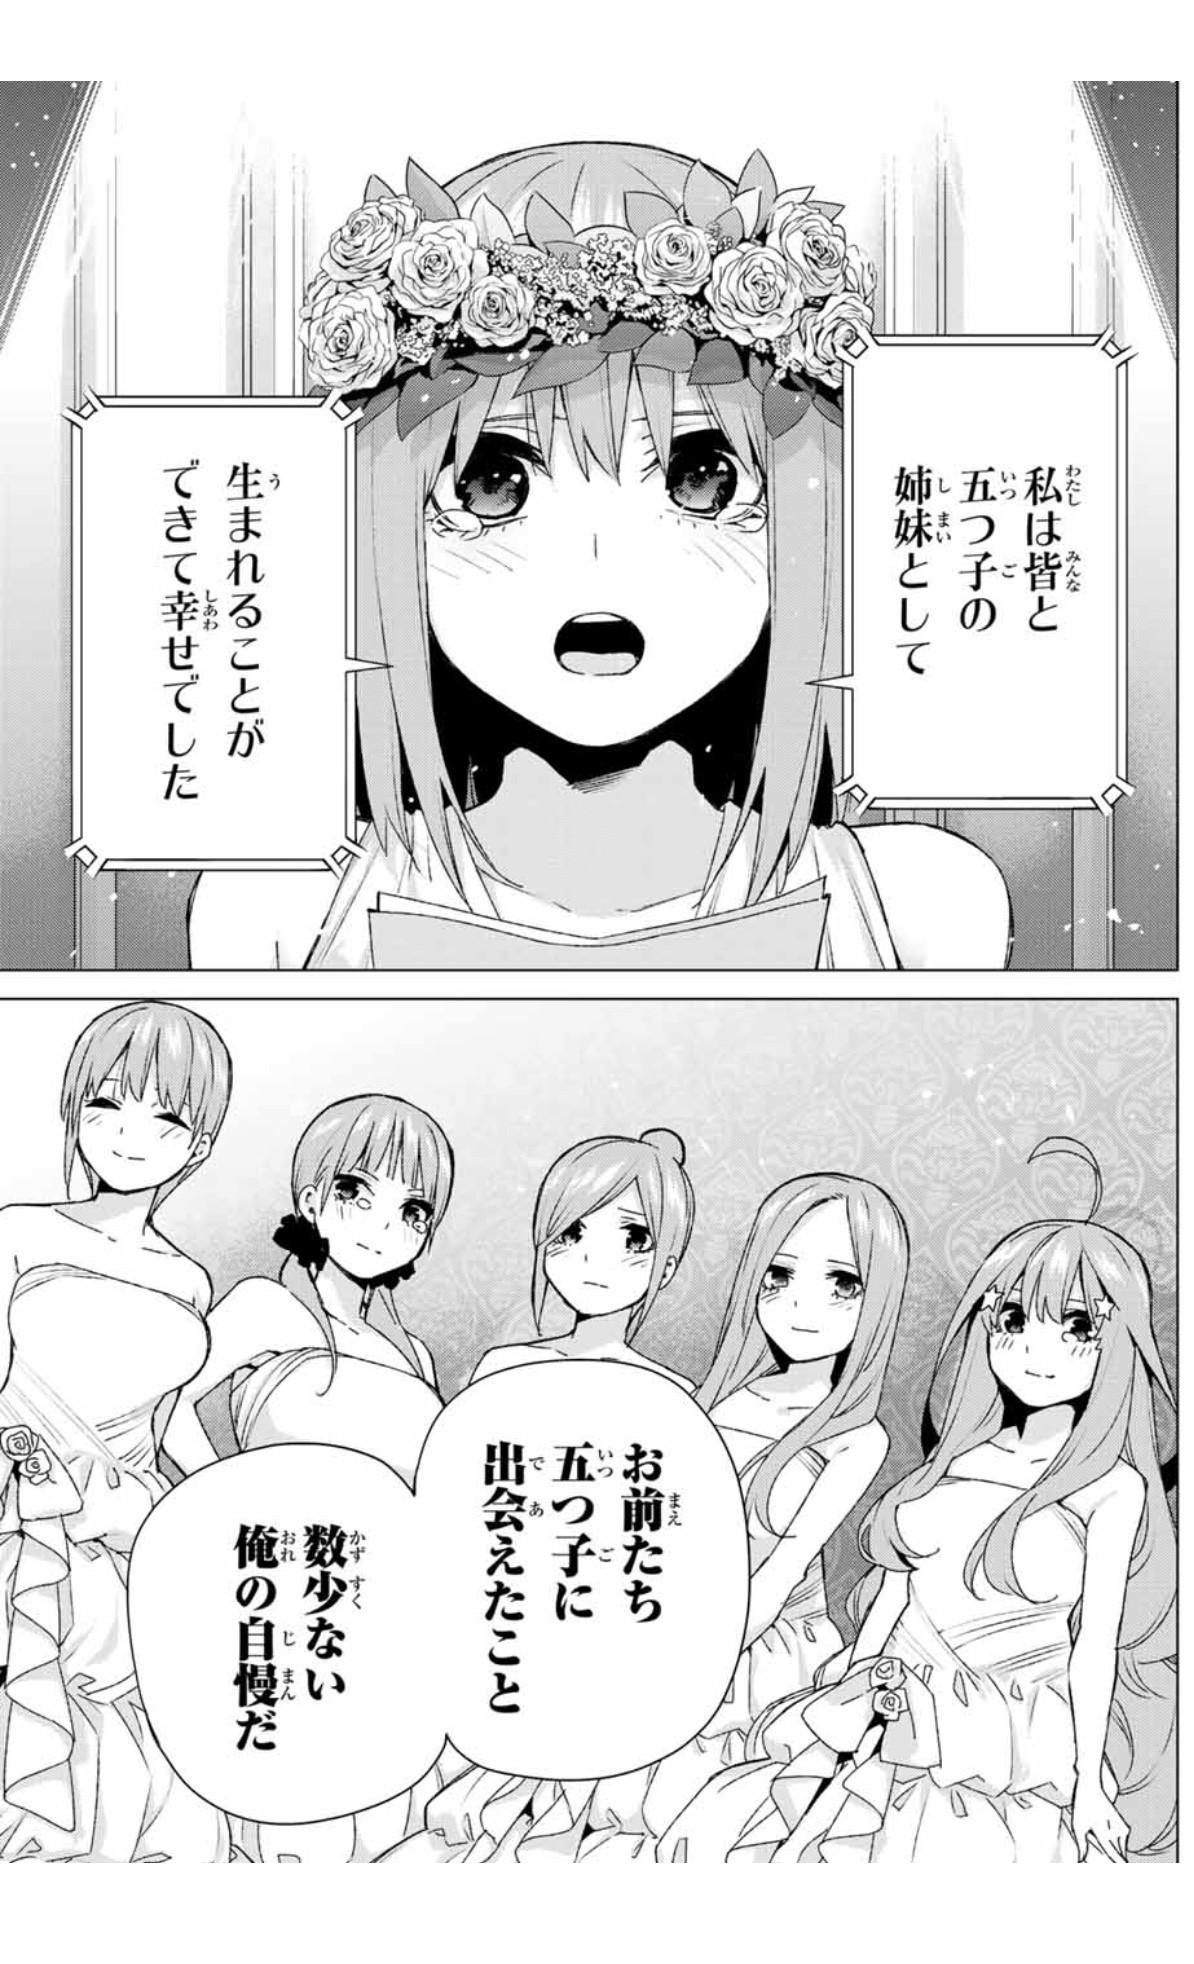 5 等 分 の 花嫁 エ